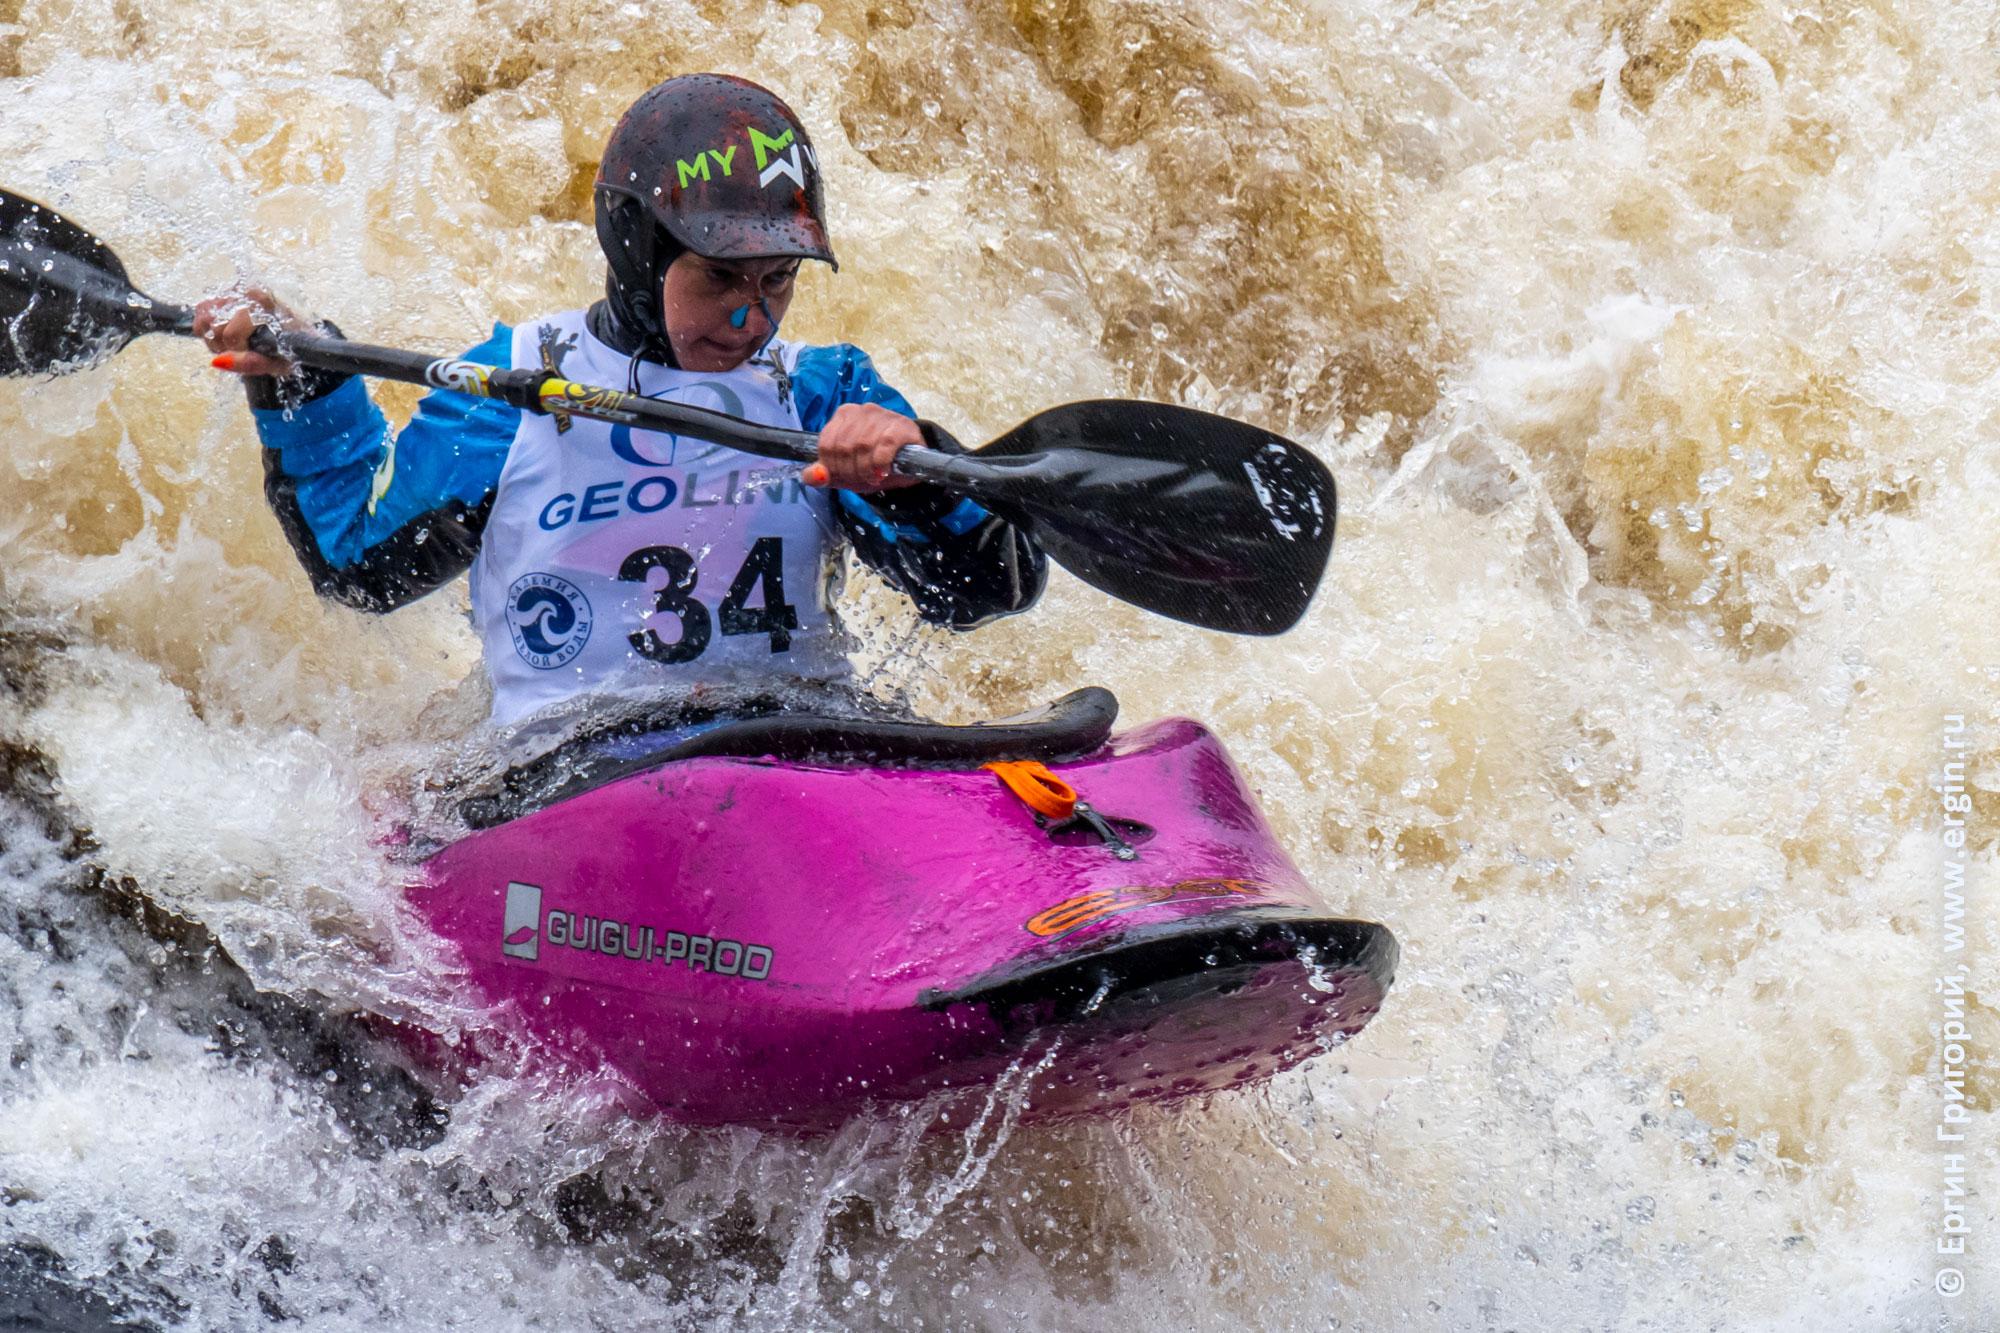 Любовь Рулева, выступление на Чемпионате России по фристайлу на бурной воде